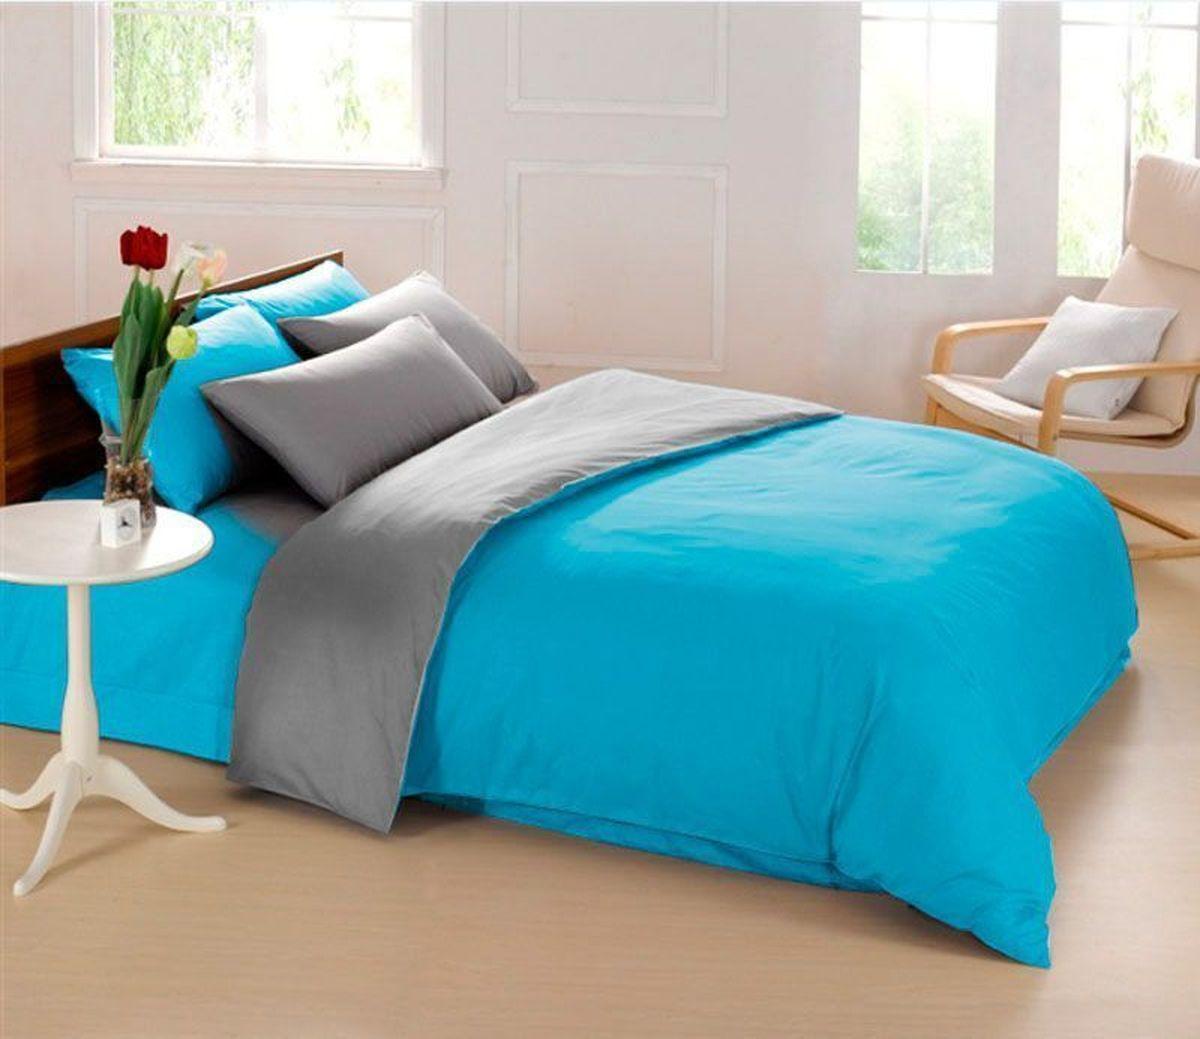 Комплект белья Sleep iX Perfection, семейный, наволочки 50х70, 70х70,цвет: голубой, серыйpva215425Комплект постельного белья Sleep iX Perfection состоит из двух пододеяльников, простыни и четырех наволочек. Предметы комплекта выполнены из абсолютно гипоаллергенной микрофибры, неприхотливой в уходе.Благодаря такому комплекту постельного белья вы сможете создать атмосферу уюта и комфорта в вашей спальне.Известно, что цвет напрямую воздействует на психологическое и физическое состояние человека. Голубой – вызывает чувство беззаботности и умиротворения. Способствует нежности и мечтательности, понижению активности и эмоционального напряжения, вызывает ощущение прохлады.Серый – нейтральный цвет. Расслабляет, помогает успокоиться и способствует здоровому сну. Усиливает воздействие соседствующих цветов.